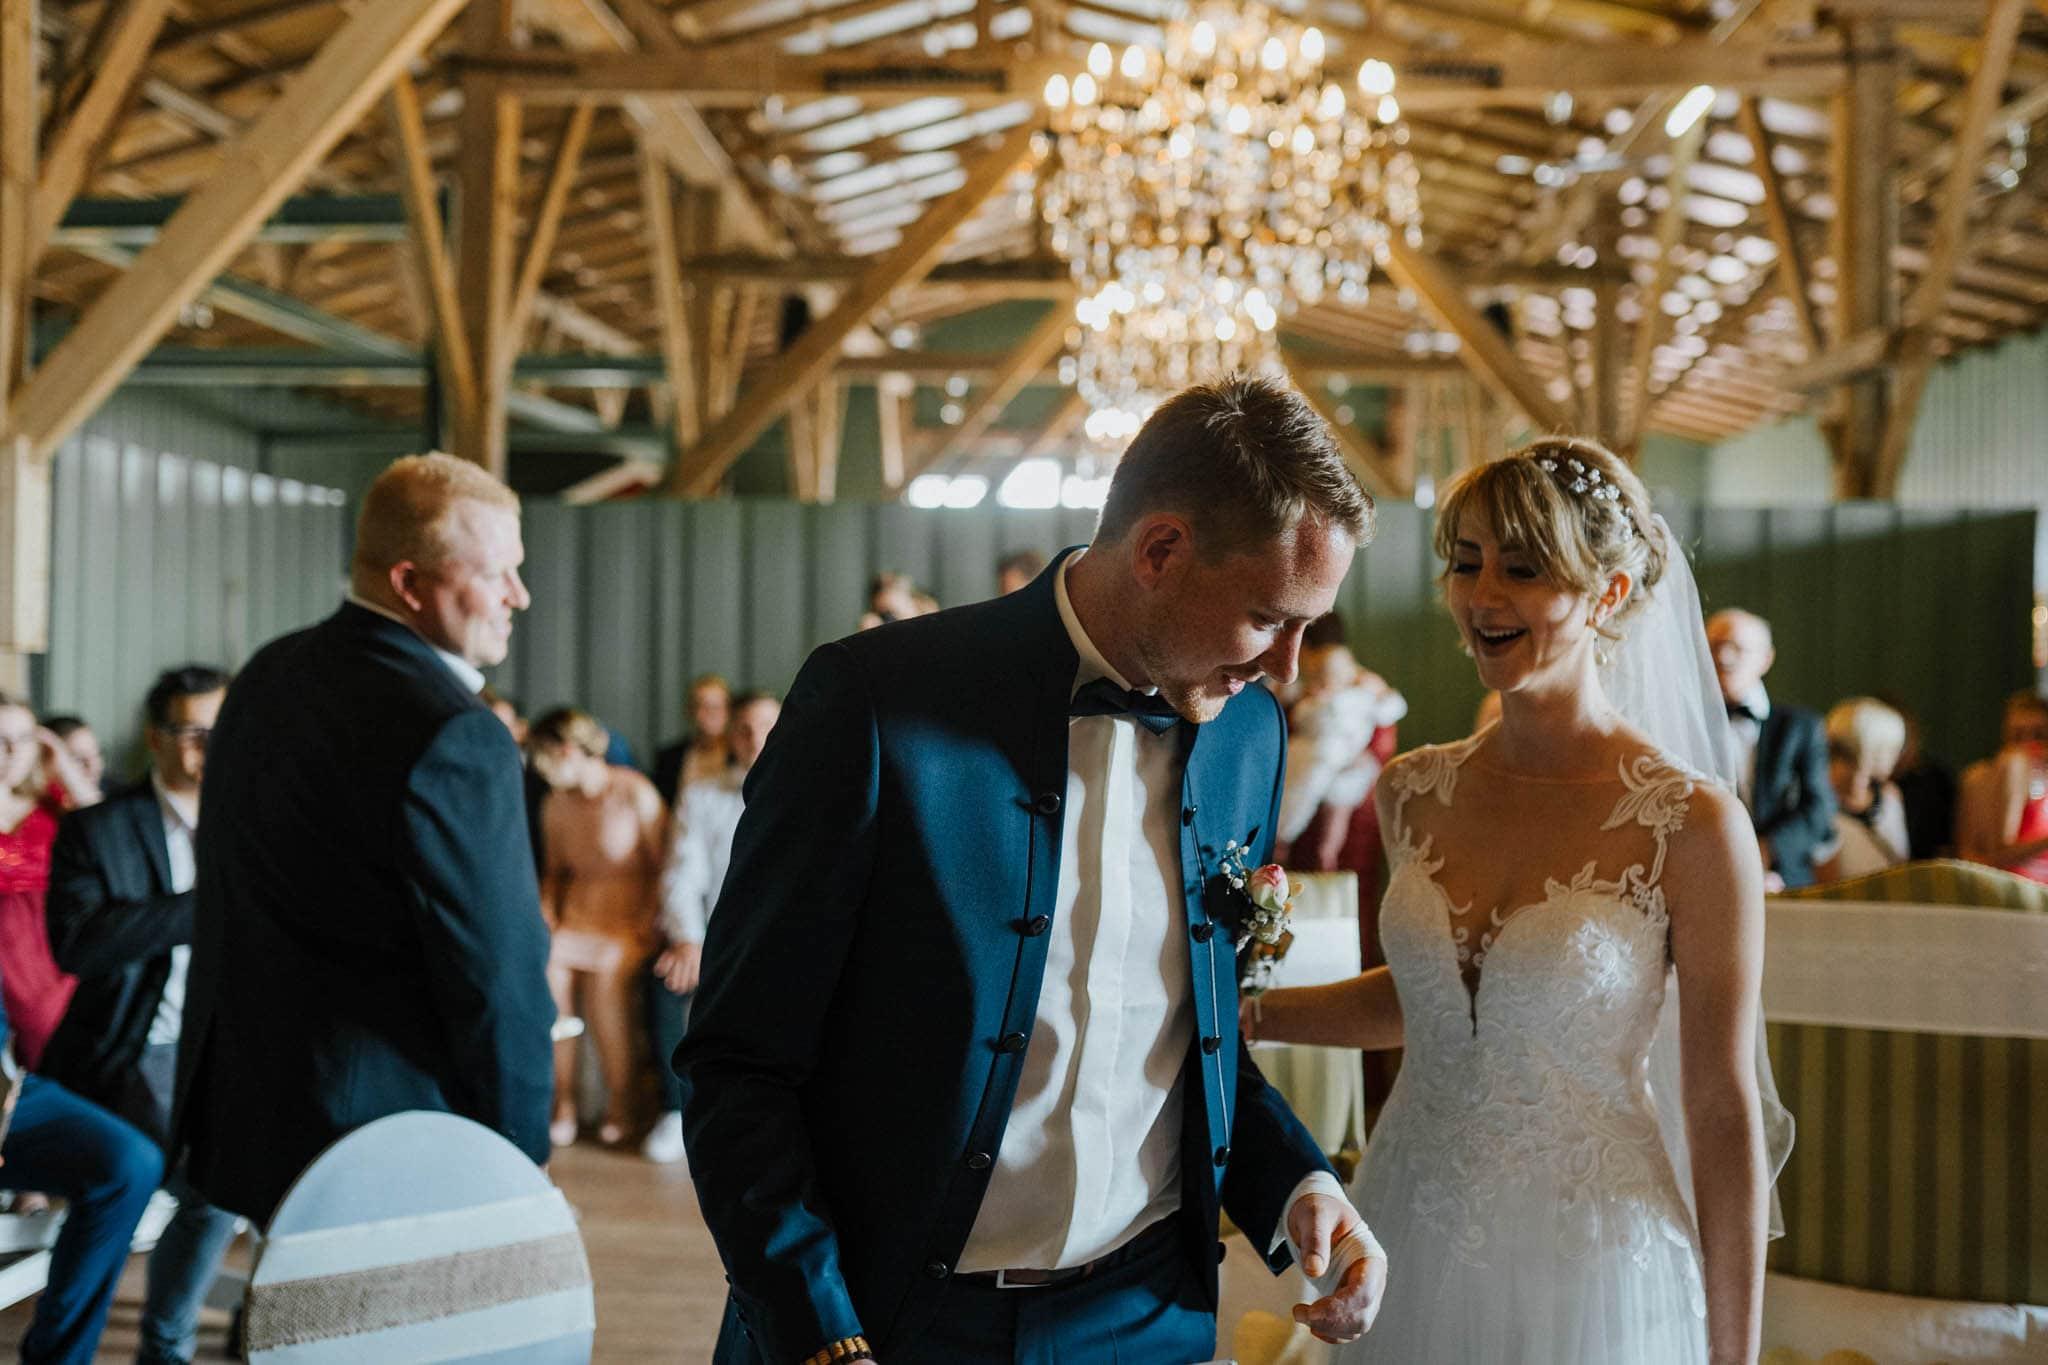 Hochzeitsfieber by Photo-Schomburg, Hoichzeitsfotograf, Hamburg, Wedding, Weddingtime, Hochzeitspaar, Braut, Bräutigam, Hochzeit im Norden,-44